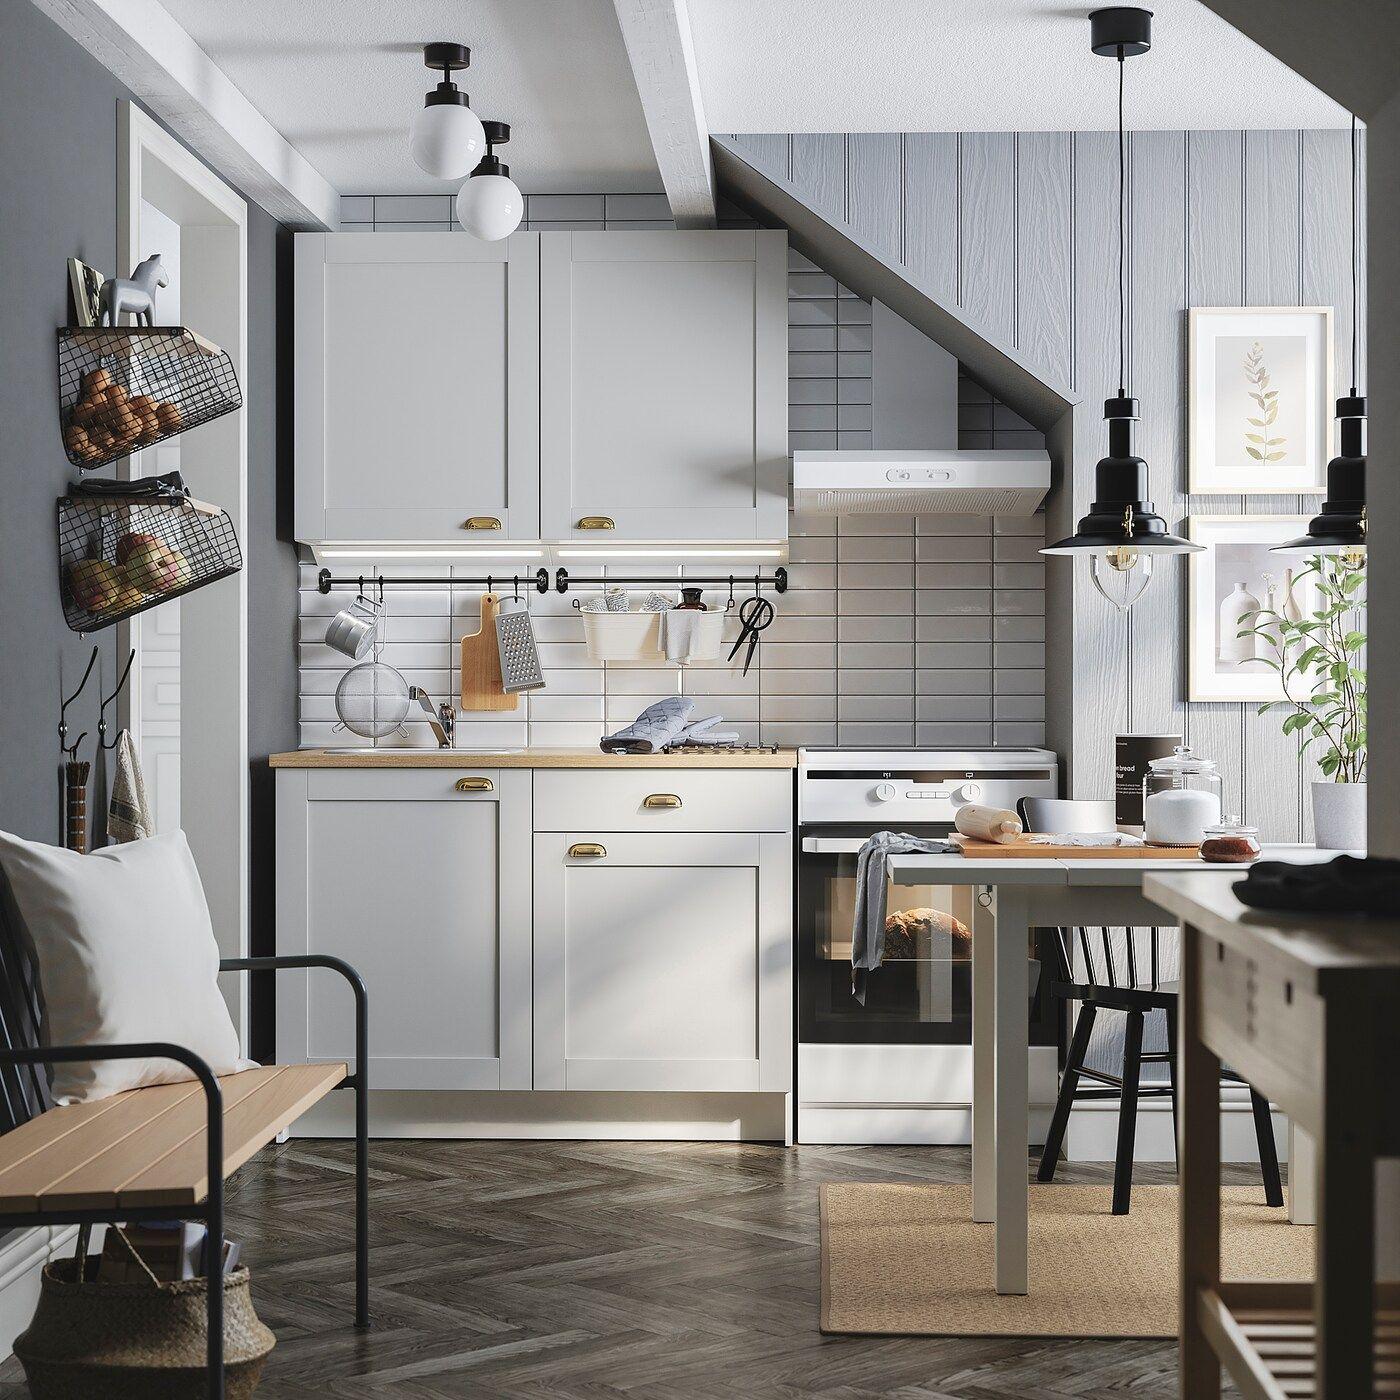 Full Size of Küche Ikea Kosten Modulküche Miniküche Kaufen Mit Kühlschrank Stengel Betten 160x200 Sofa Schlaffunktion Bei Wohnzimmer Ikea Värde Miniküche